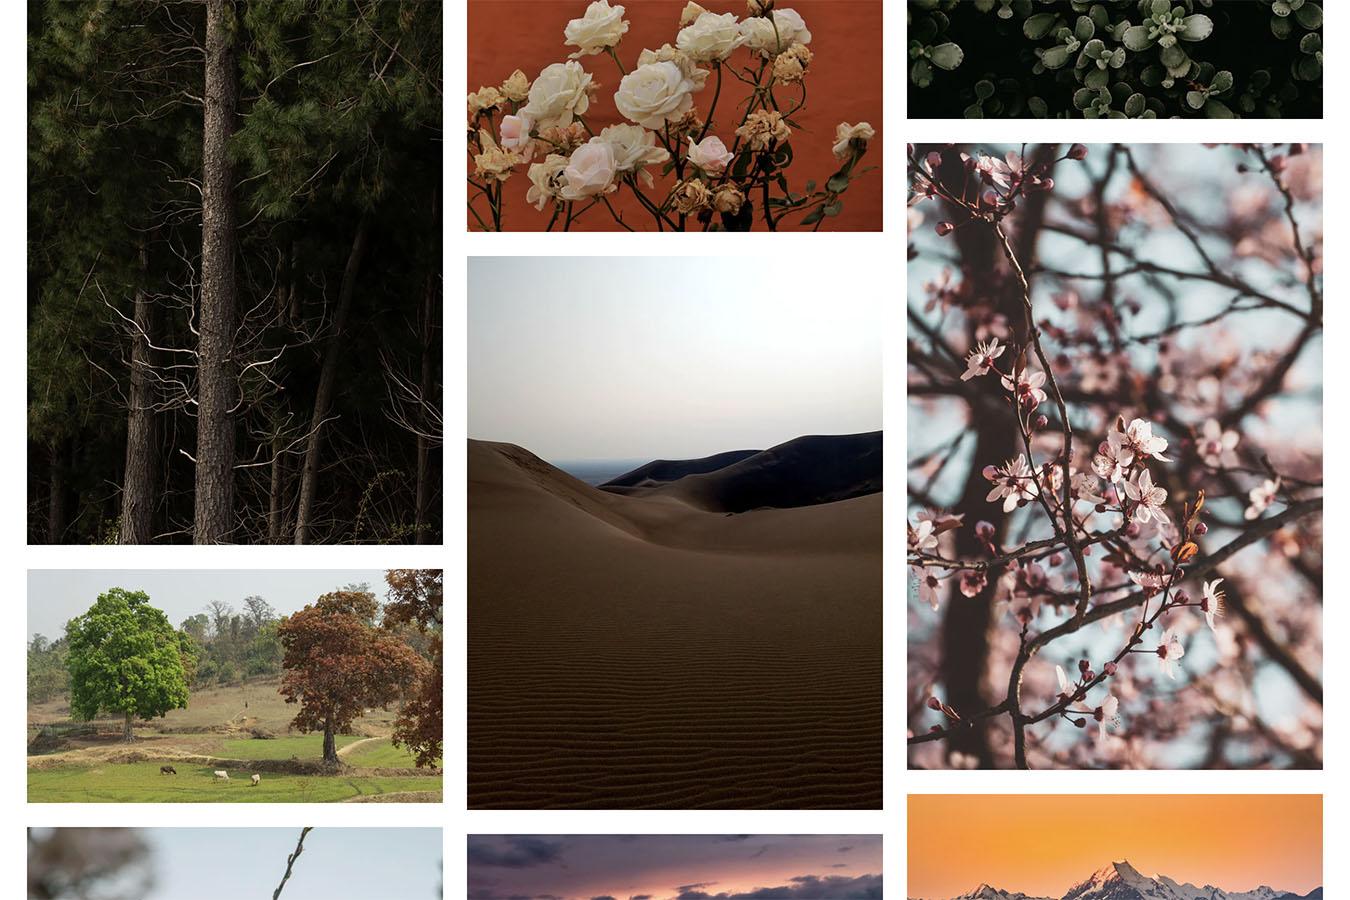 本当に使える高品質な写真素材を無料で商用利用できる超厳選3サイトをご紹介します!